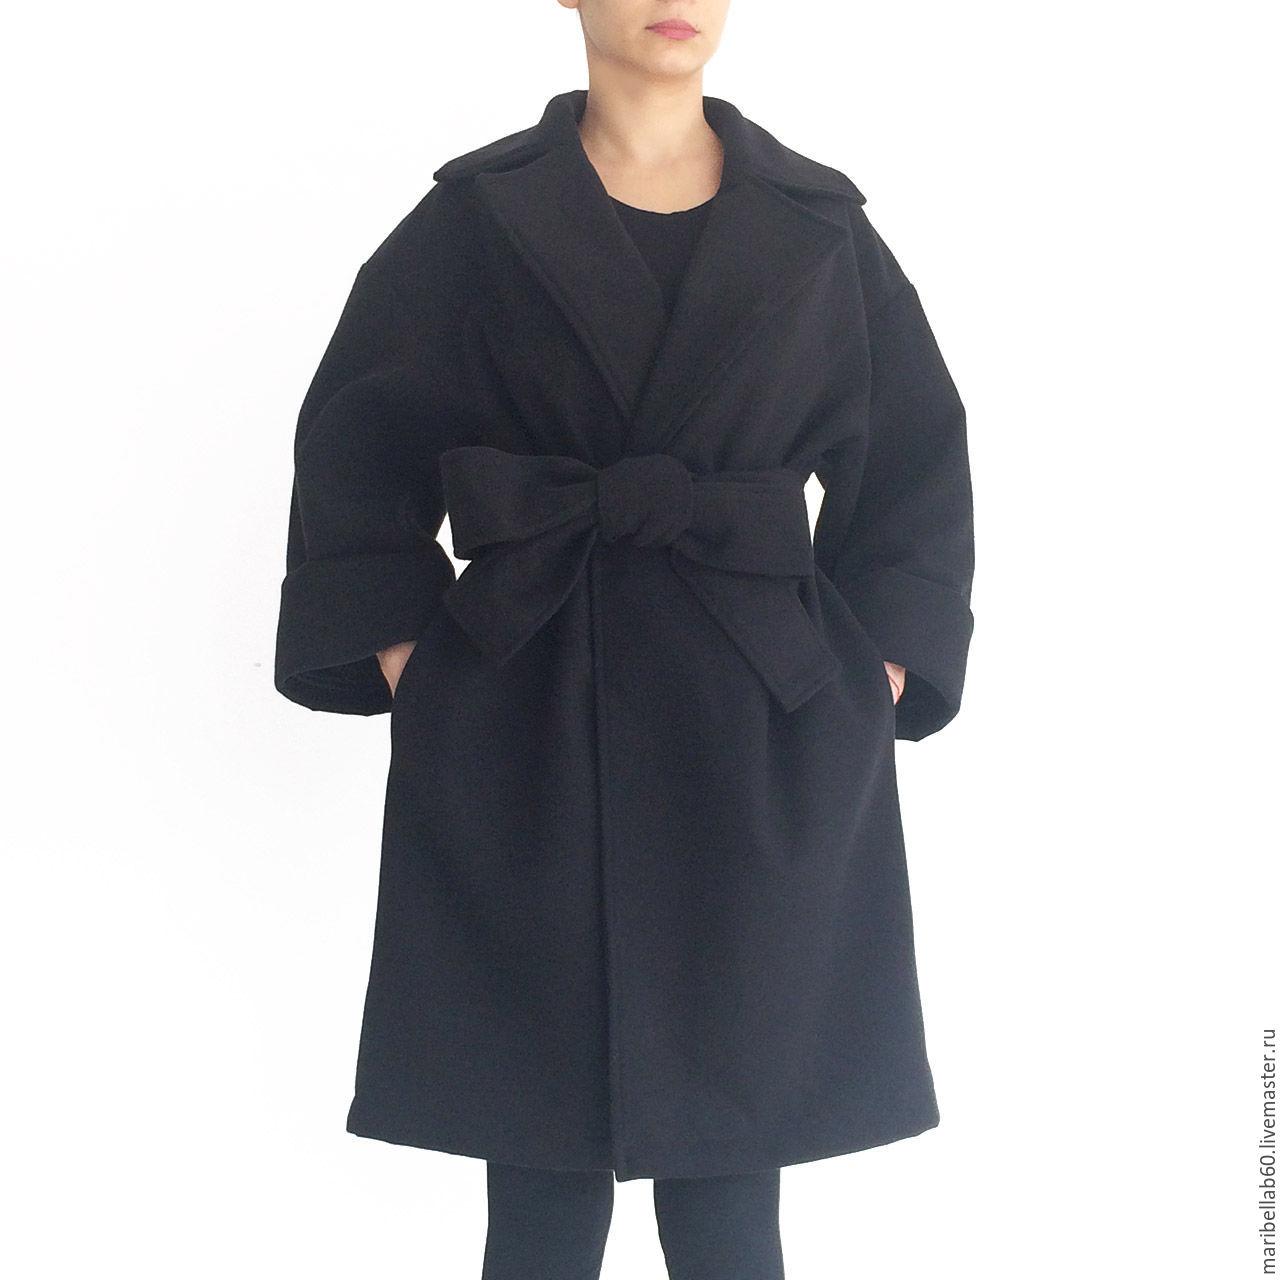 Winter coat women's large size Coat ' WINTER', Coats, Sofia,  Фото №1